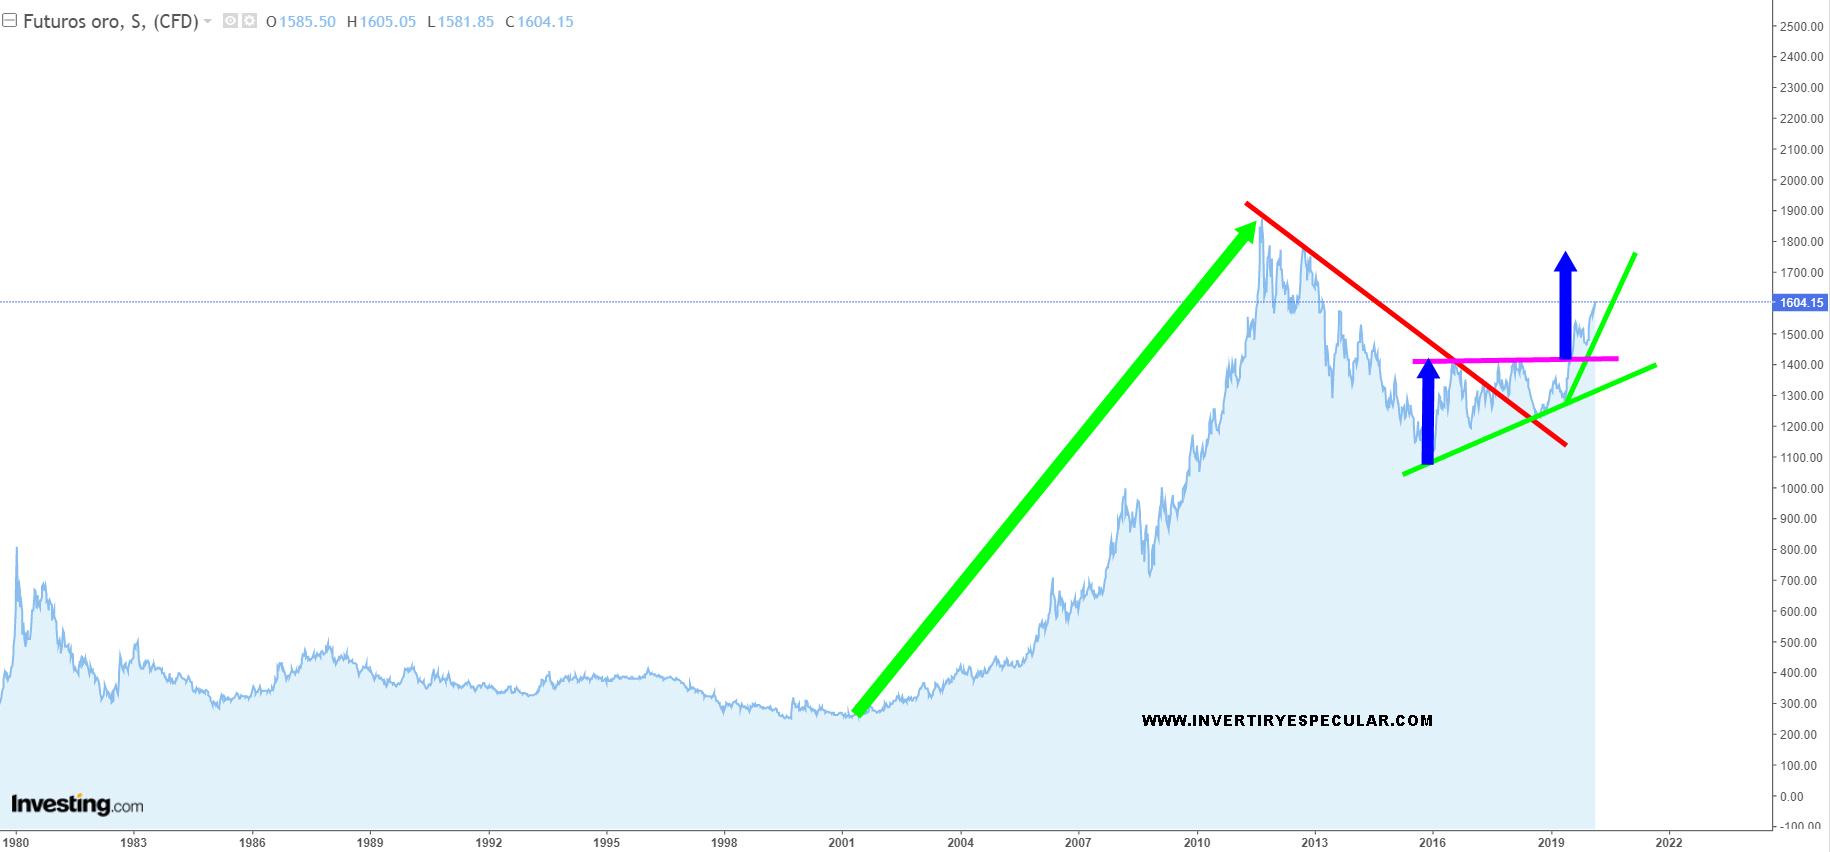 El Oro vuelve a superar los 1601 usd y el agua no para de subir